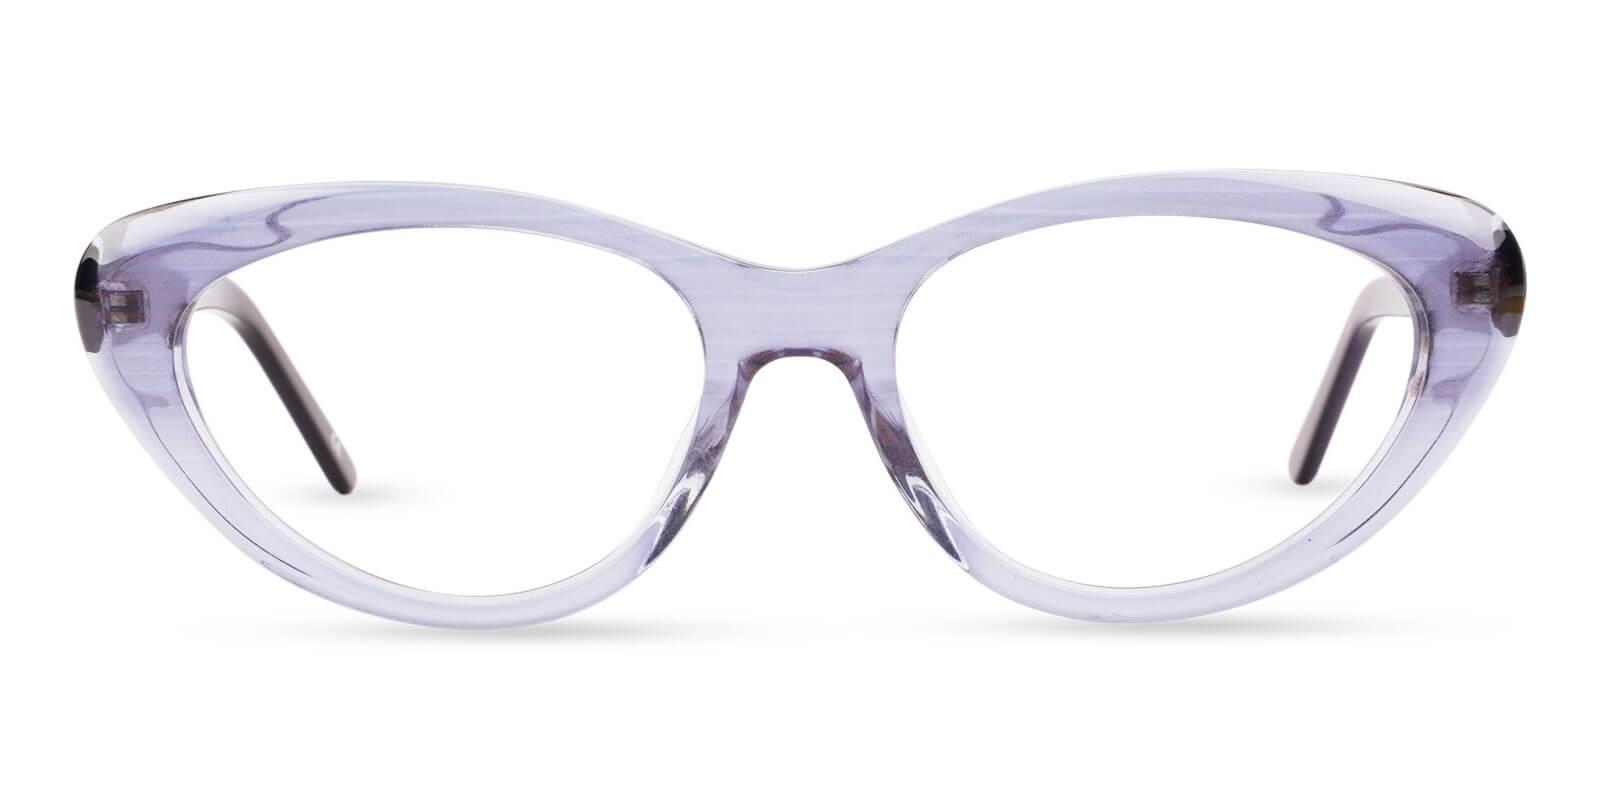 Irene Blue Acetate Eyeglasses , SpringHinges , UniversalBridgeFit Frames from ABBE Glasses